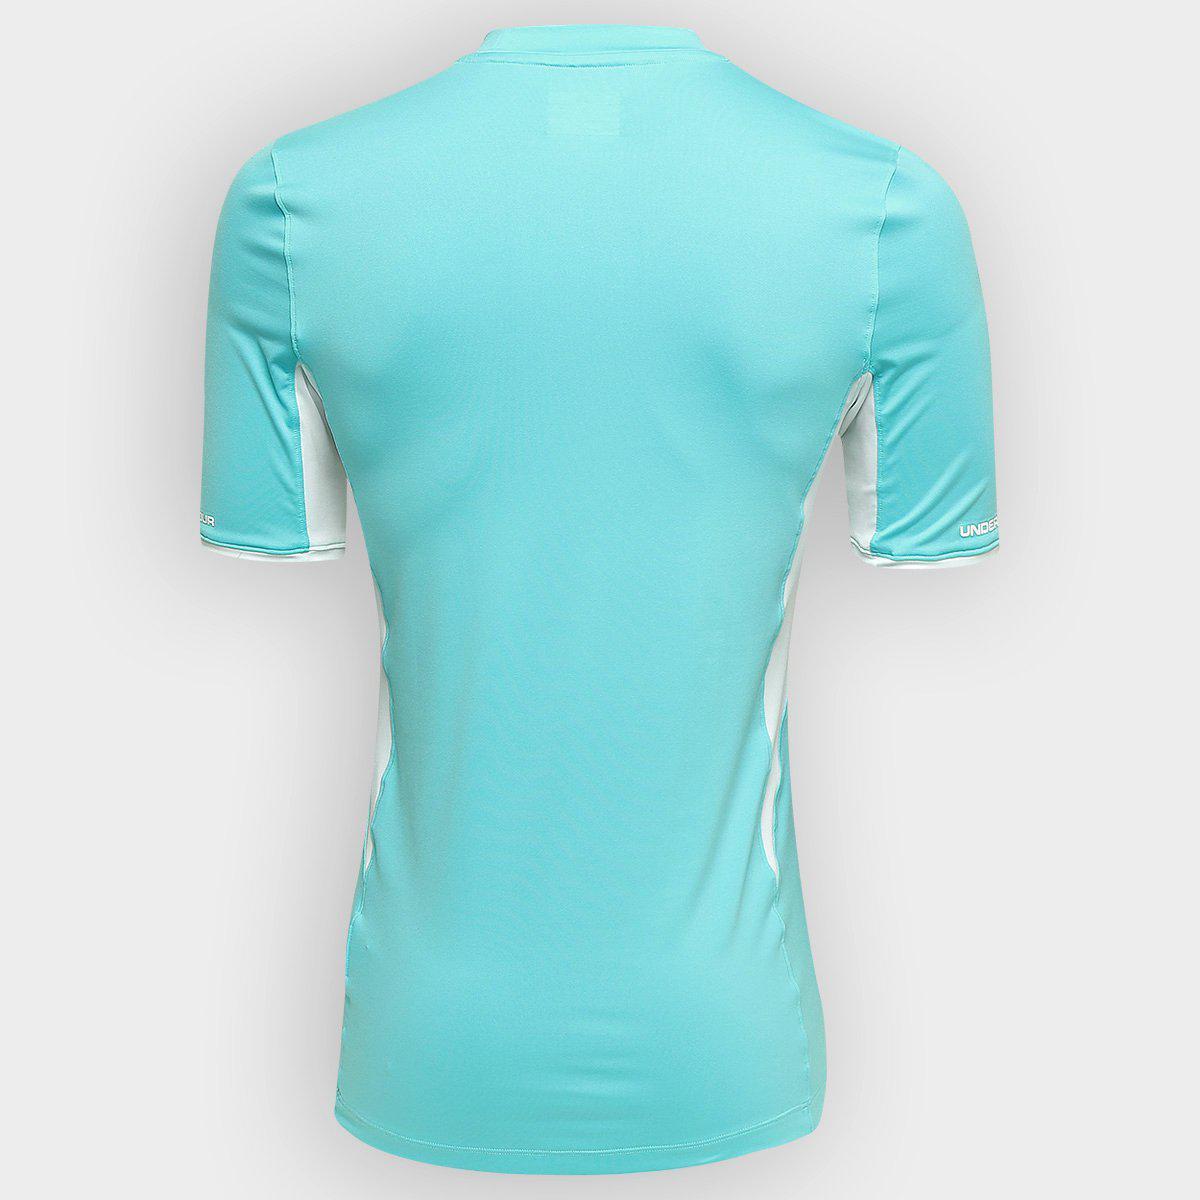 3d9e68deb6c4e Camisa Masculina São Paulo Goleiro Under Armour II 2015 Azul R$ 99,90 à  vista. Adicionar à sacola